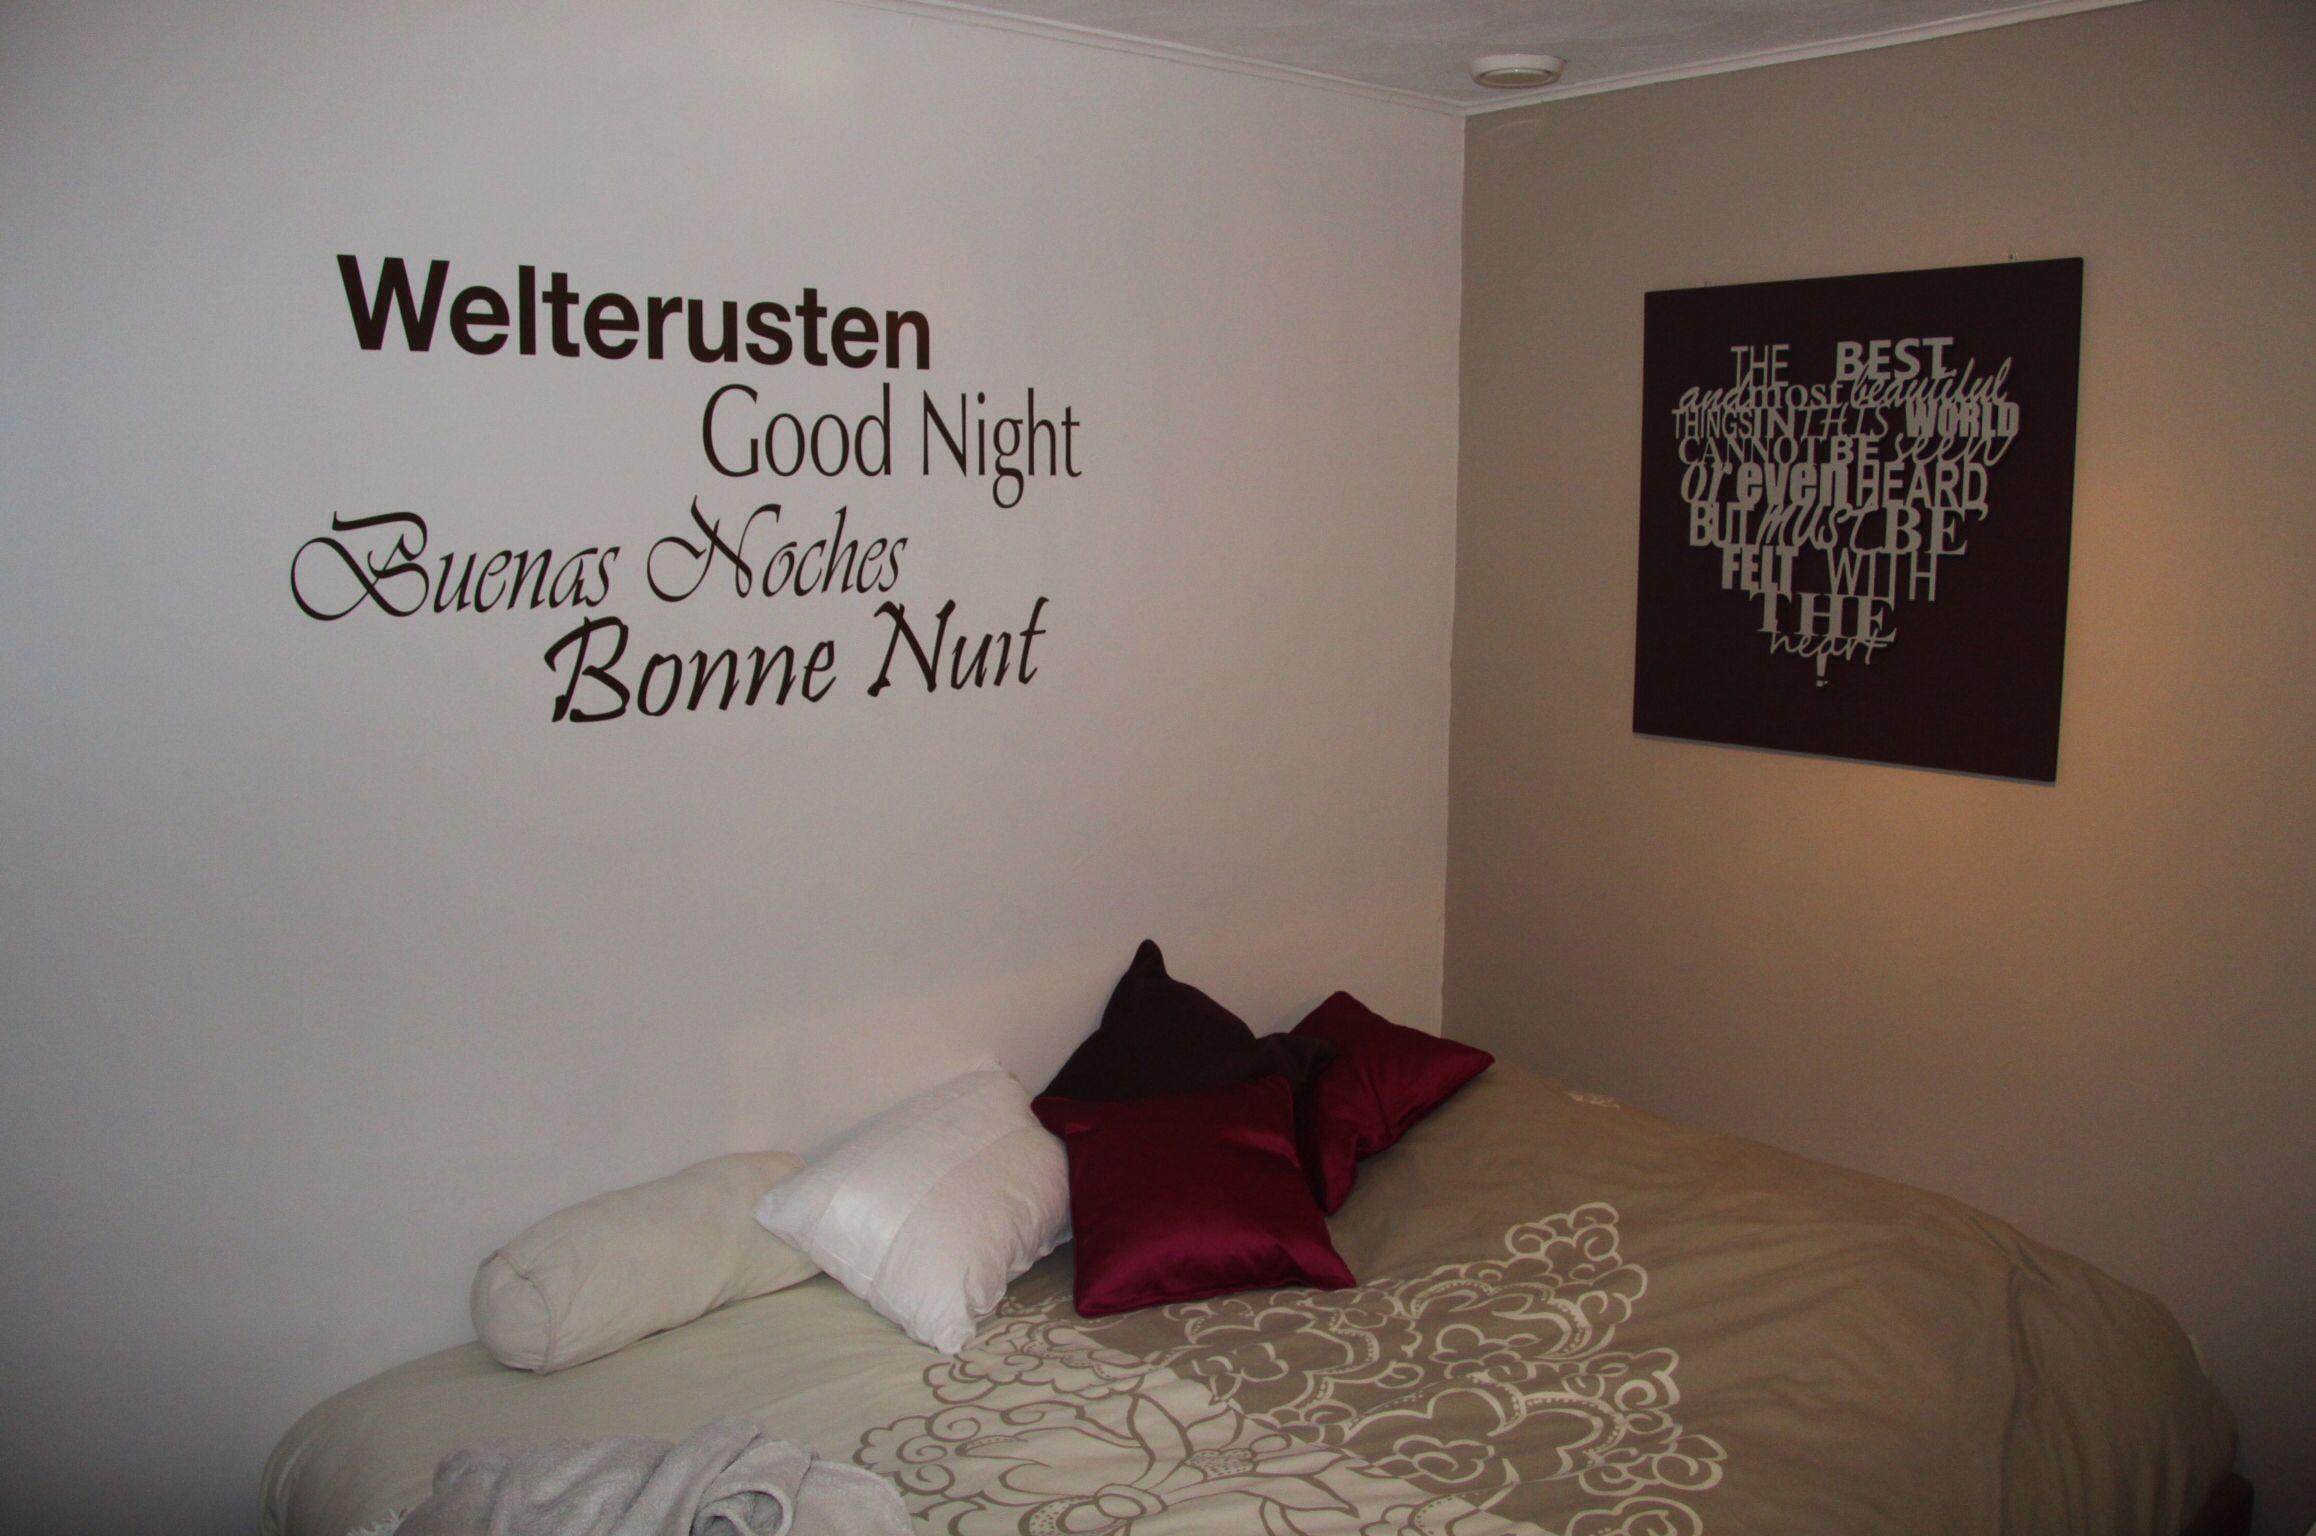 Mooie Slaapkamer Teksten : Mooie slaapkamer tekst muurteksten in home